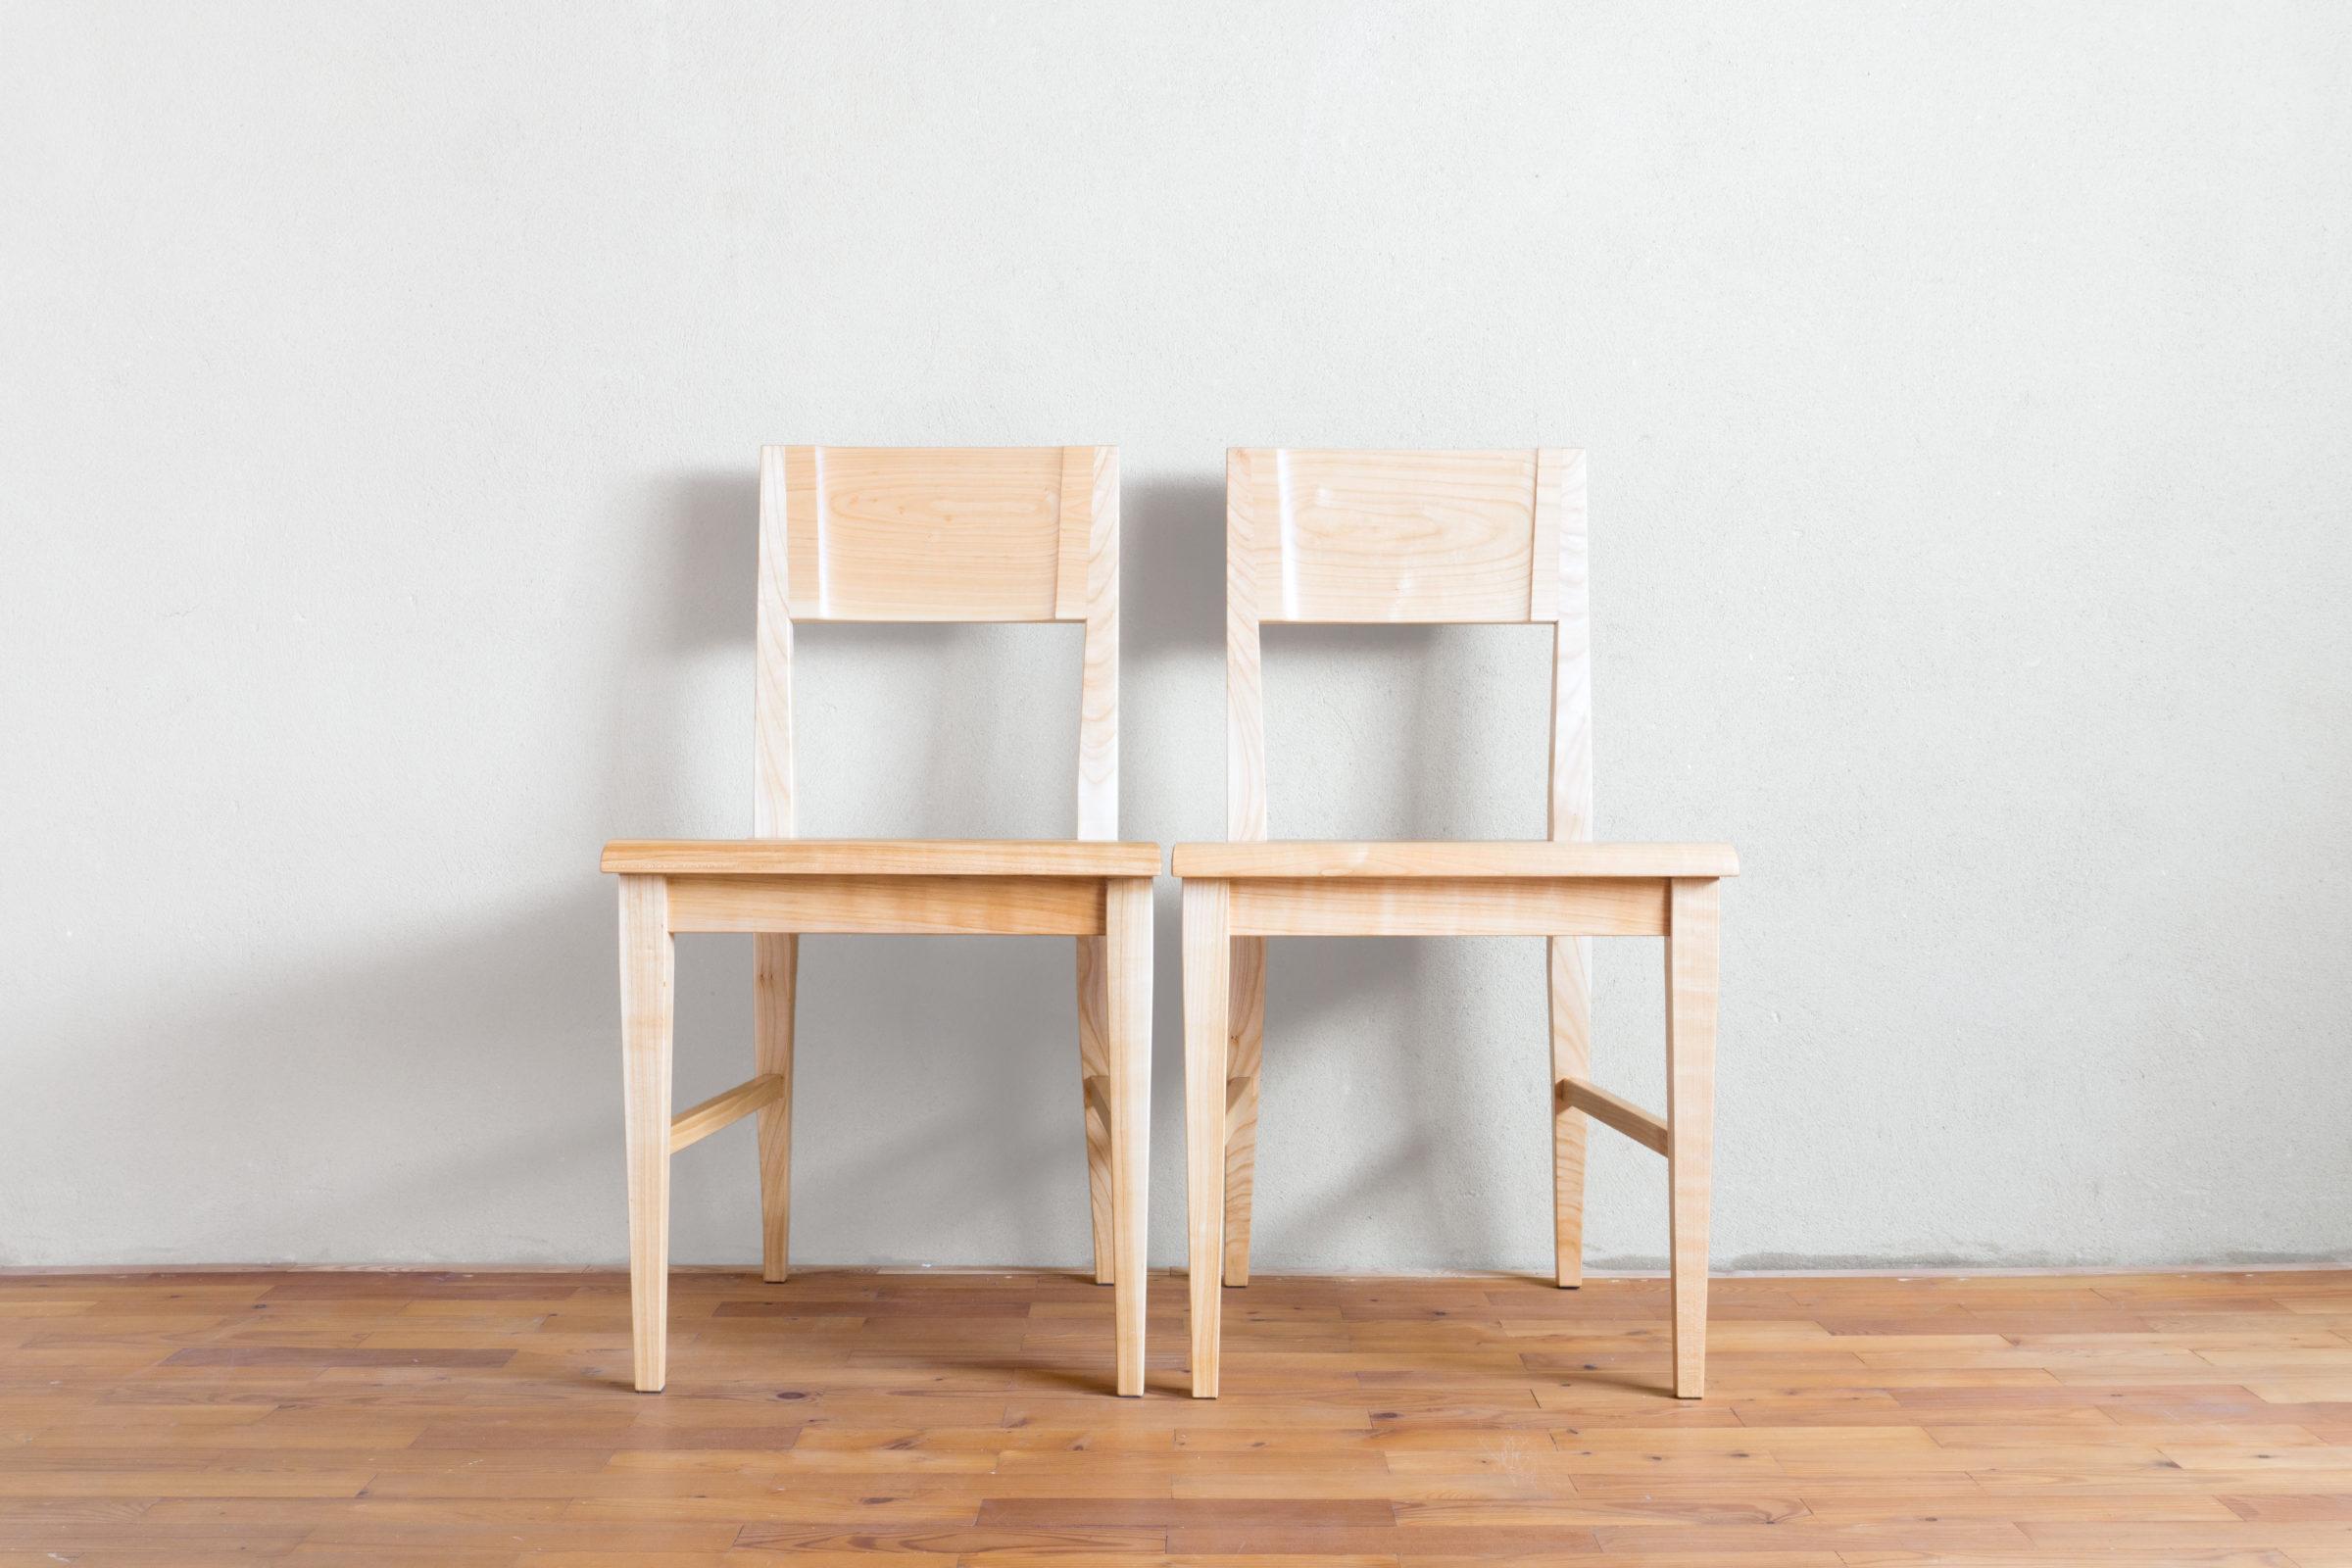 Stühle, Massivholzmöbel handgemacht, Hochwertige Möbel aus Massivholz, Holzoberflächen handgehobelt, Einzelmöbelstücke, The Trees of Life